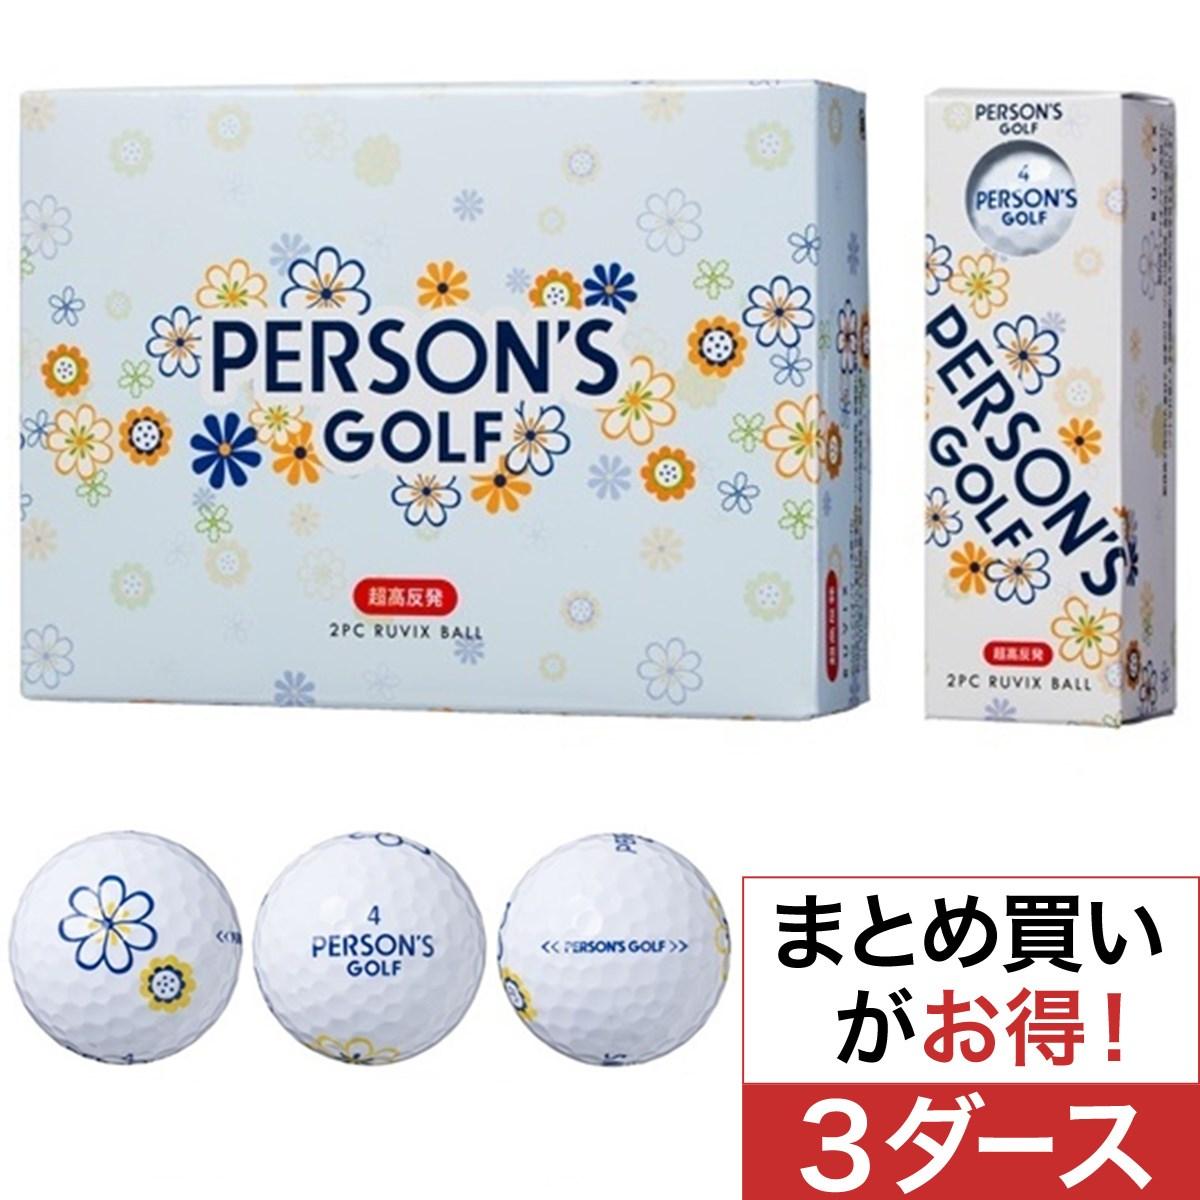 パーソンズ パーソンズゴルフボール 3ダースセット【非公認球】レディス